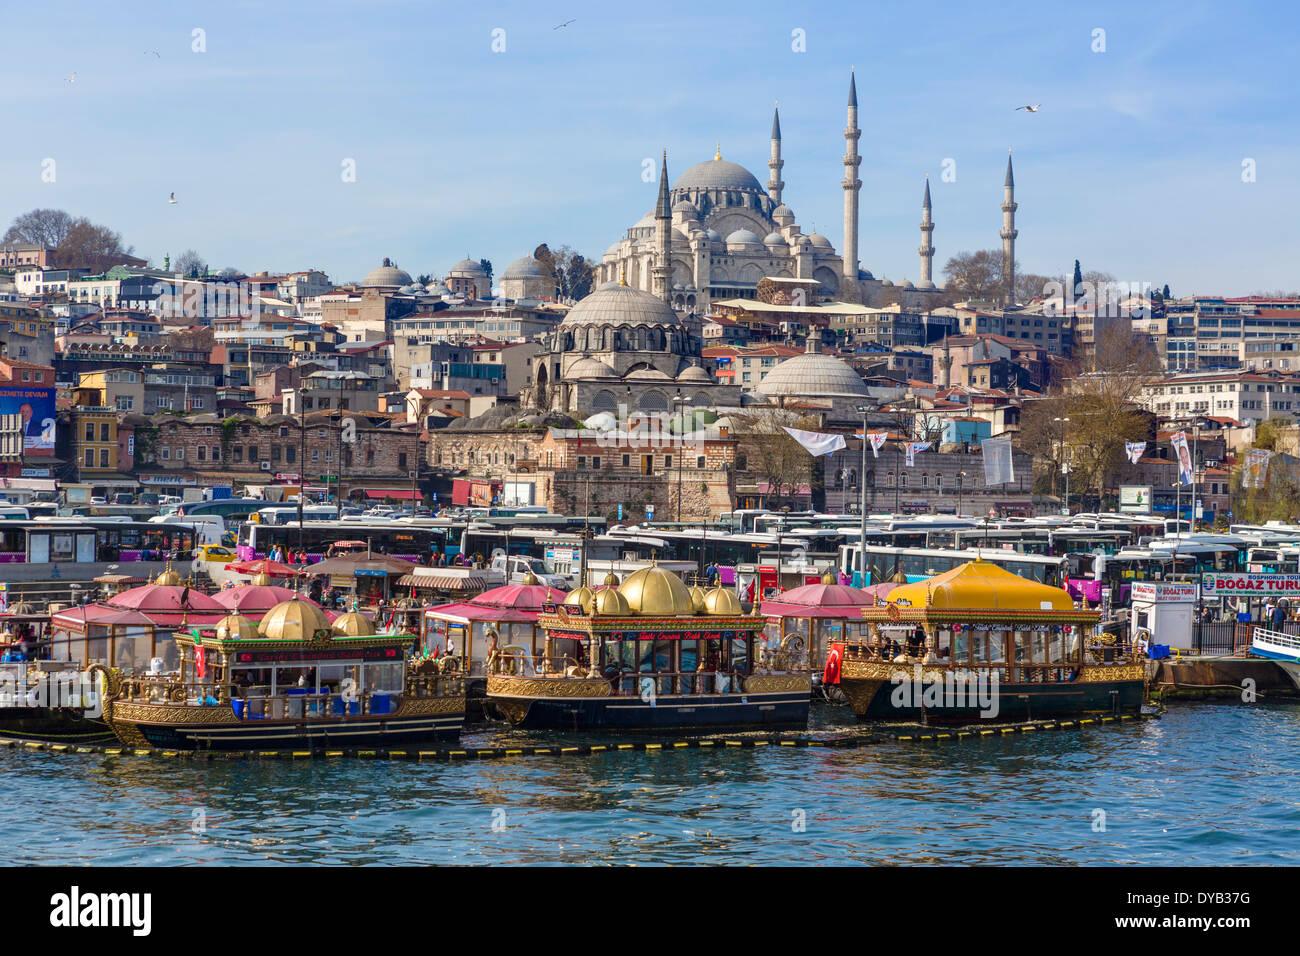 Botes decorativos de venta de pescado sandwiches (Tarihi Eminonu Balik Ekmek) con la Mezquita Suleymaniye detrás, Eminonu, Estambul, Turquía Imagen De Stock